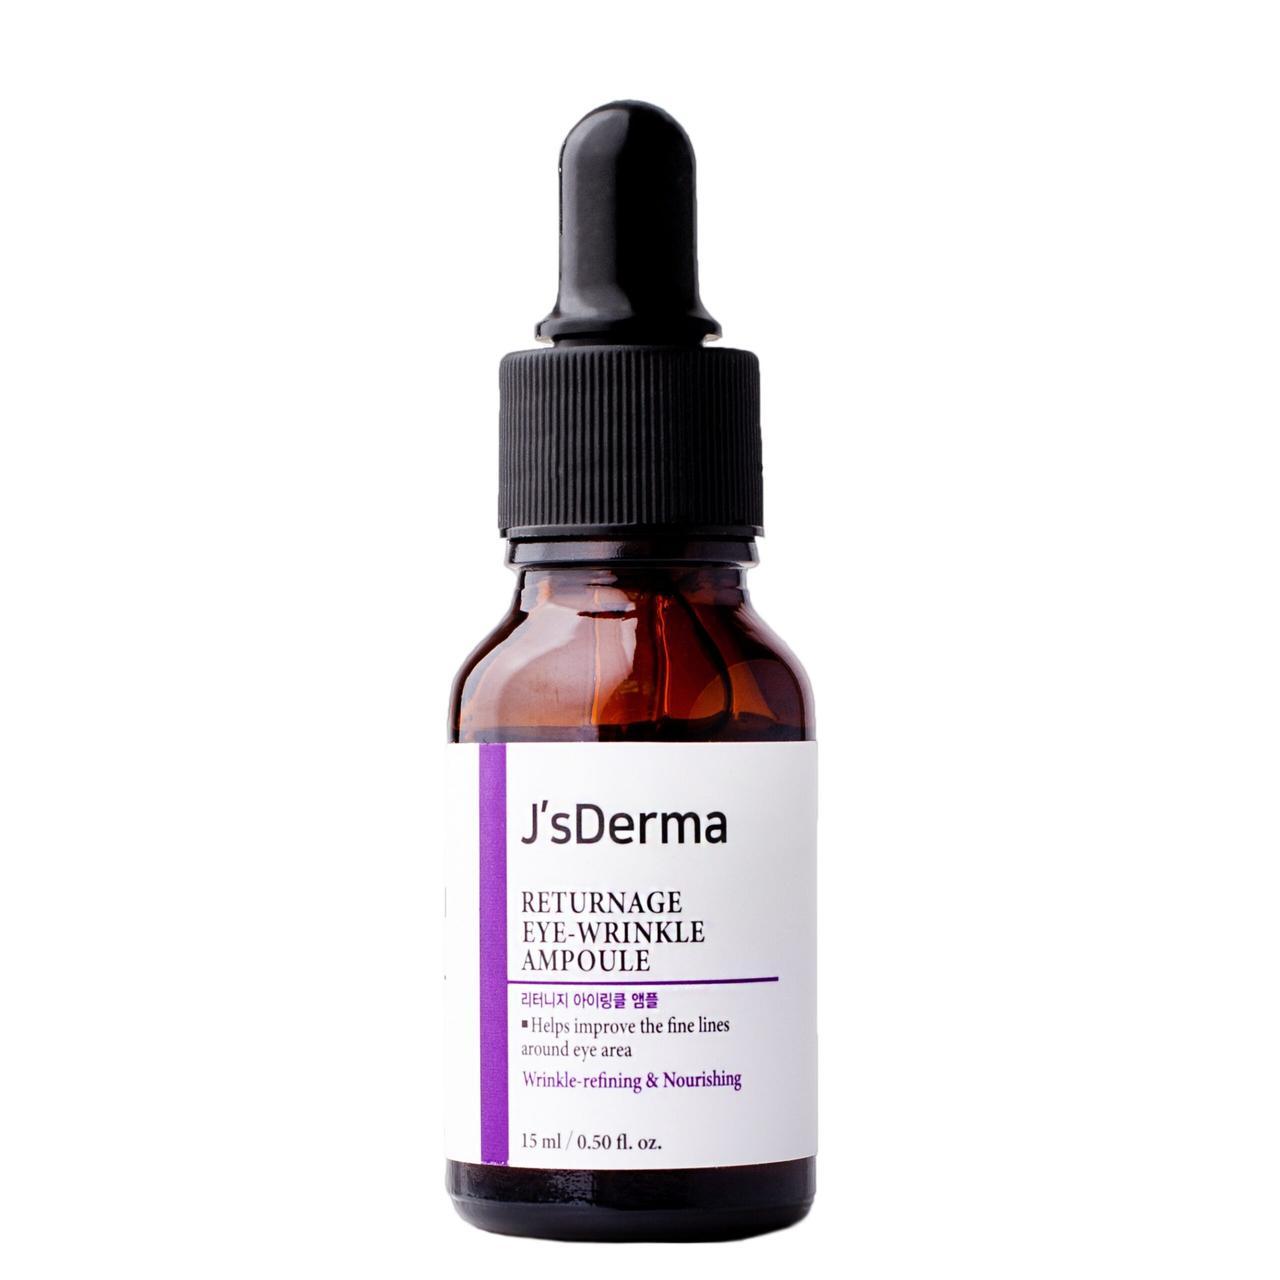 Пептидная ампула для кожи вокруг глаз JsDerma Returnage Eye Wrinkle Ampoule,15 мл